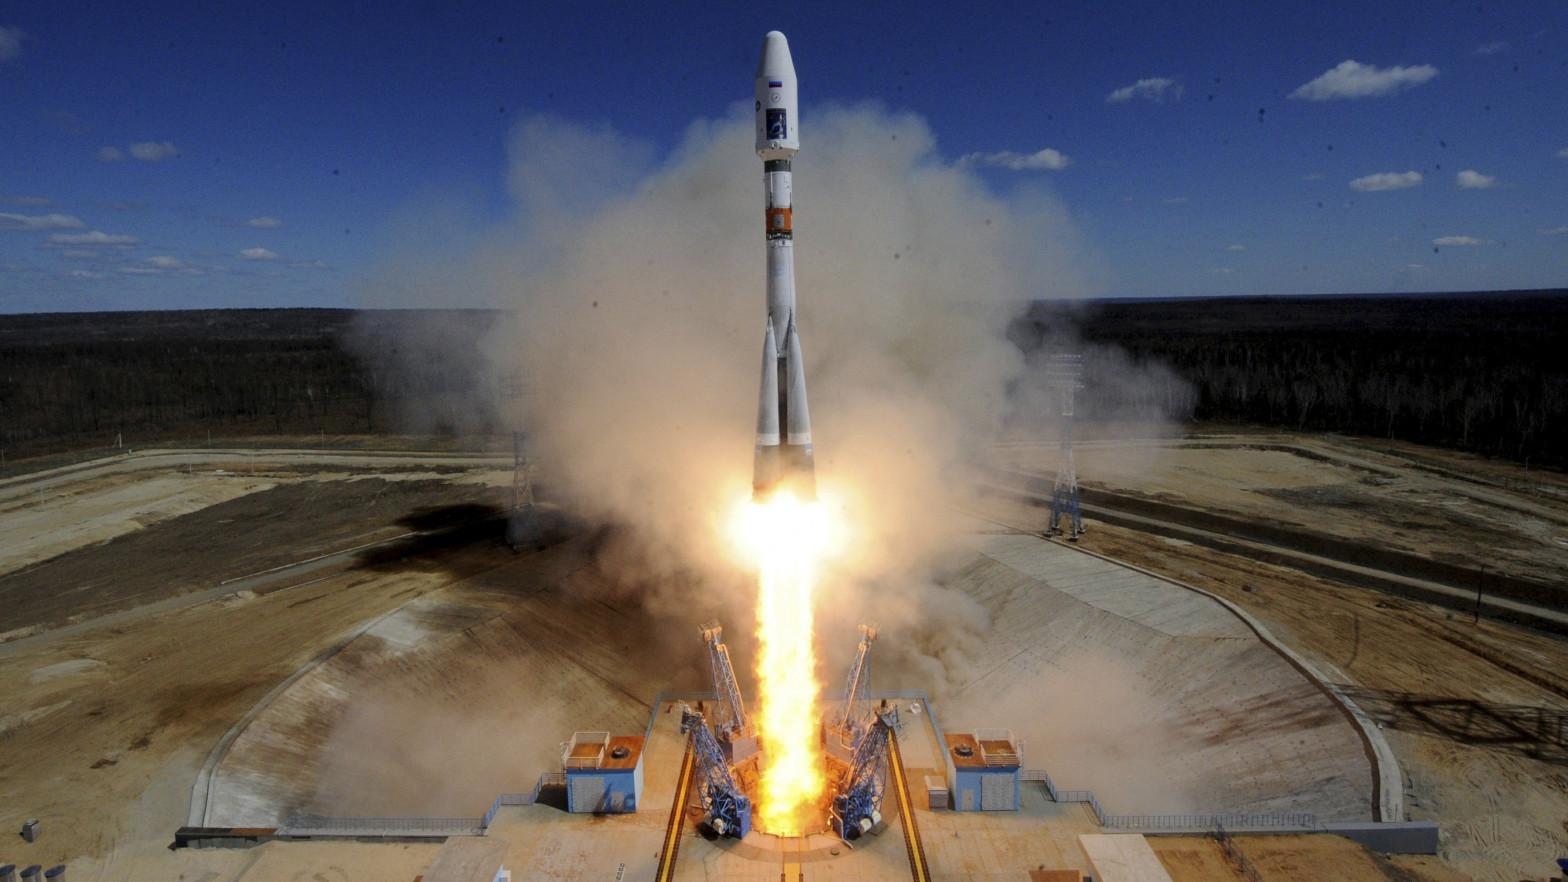 Rusia lanza el nanosatélite catalán desde el cosmódromo de Baikonur  (Kazajistán)